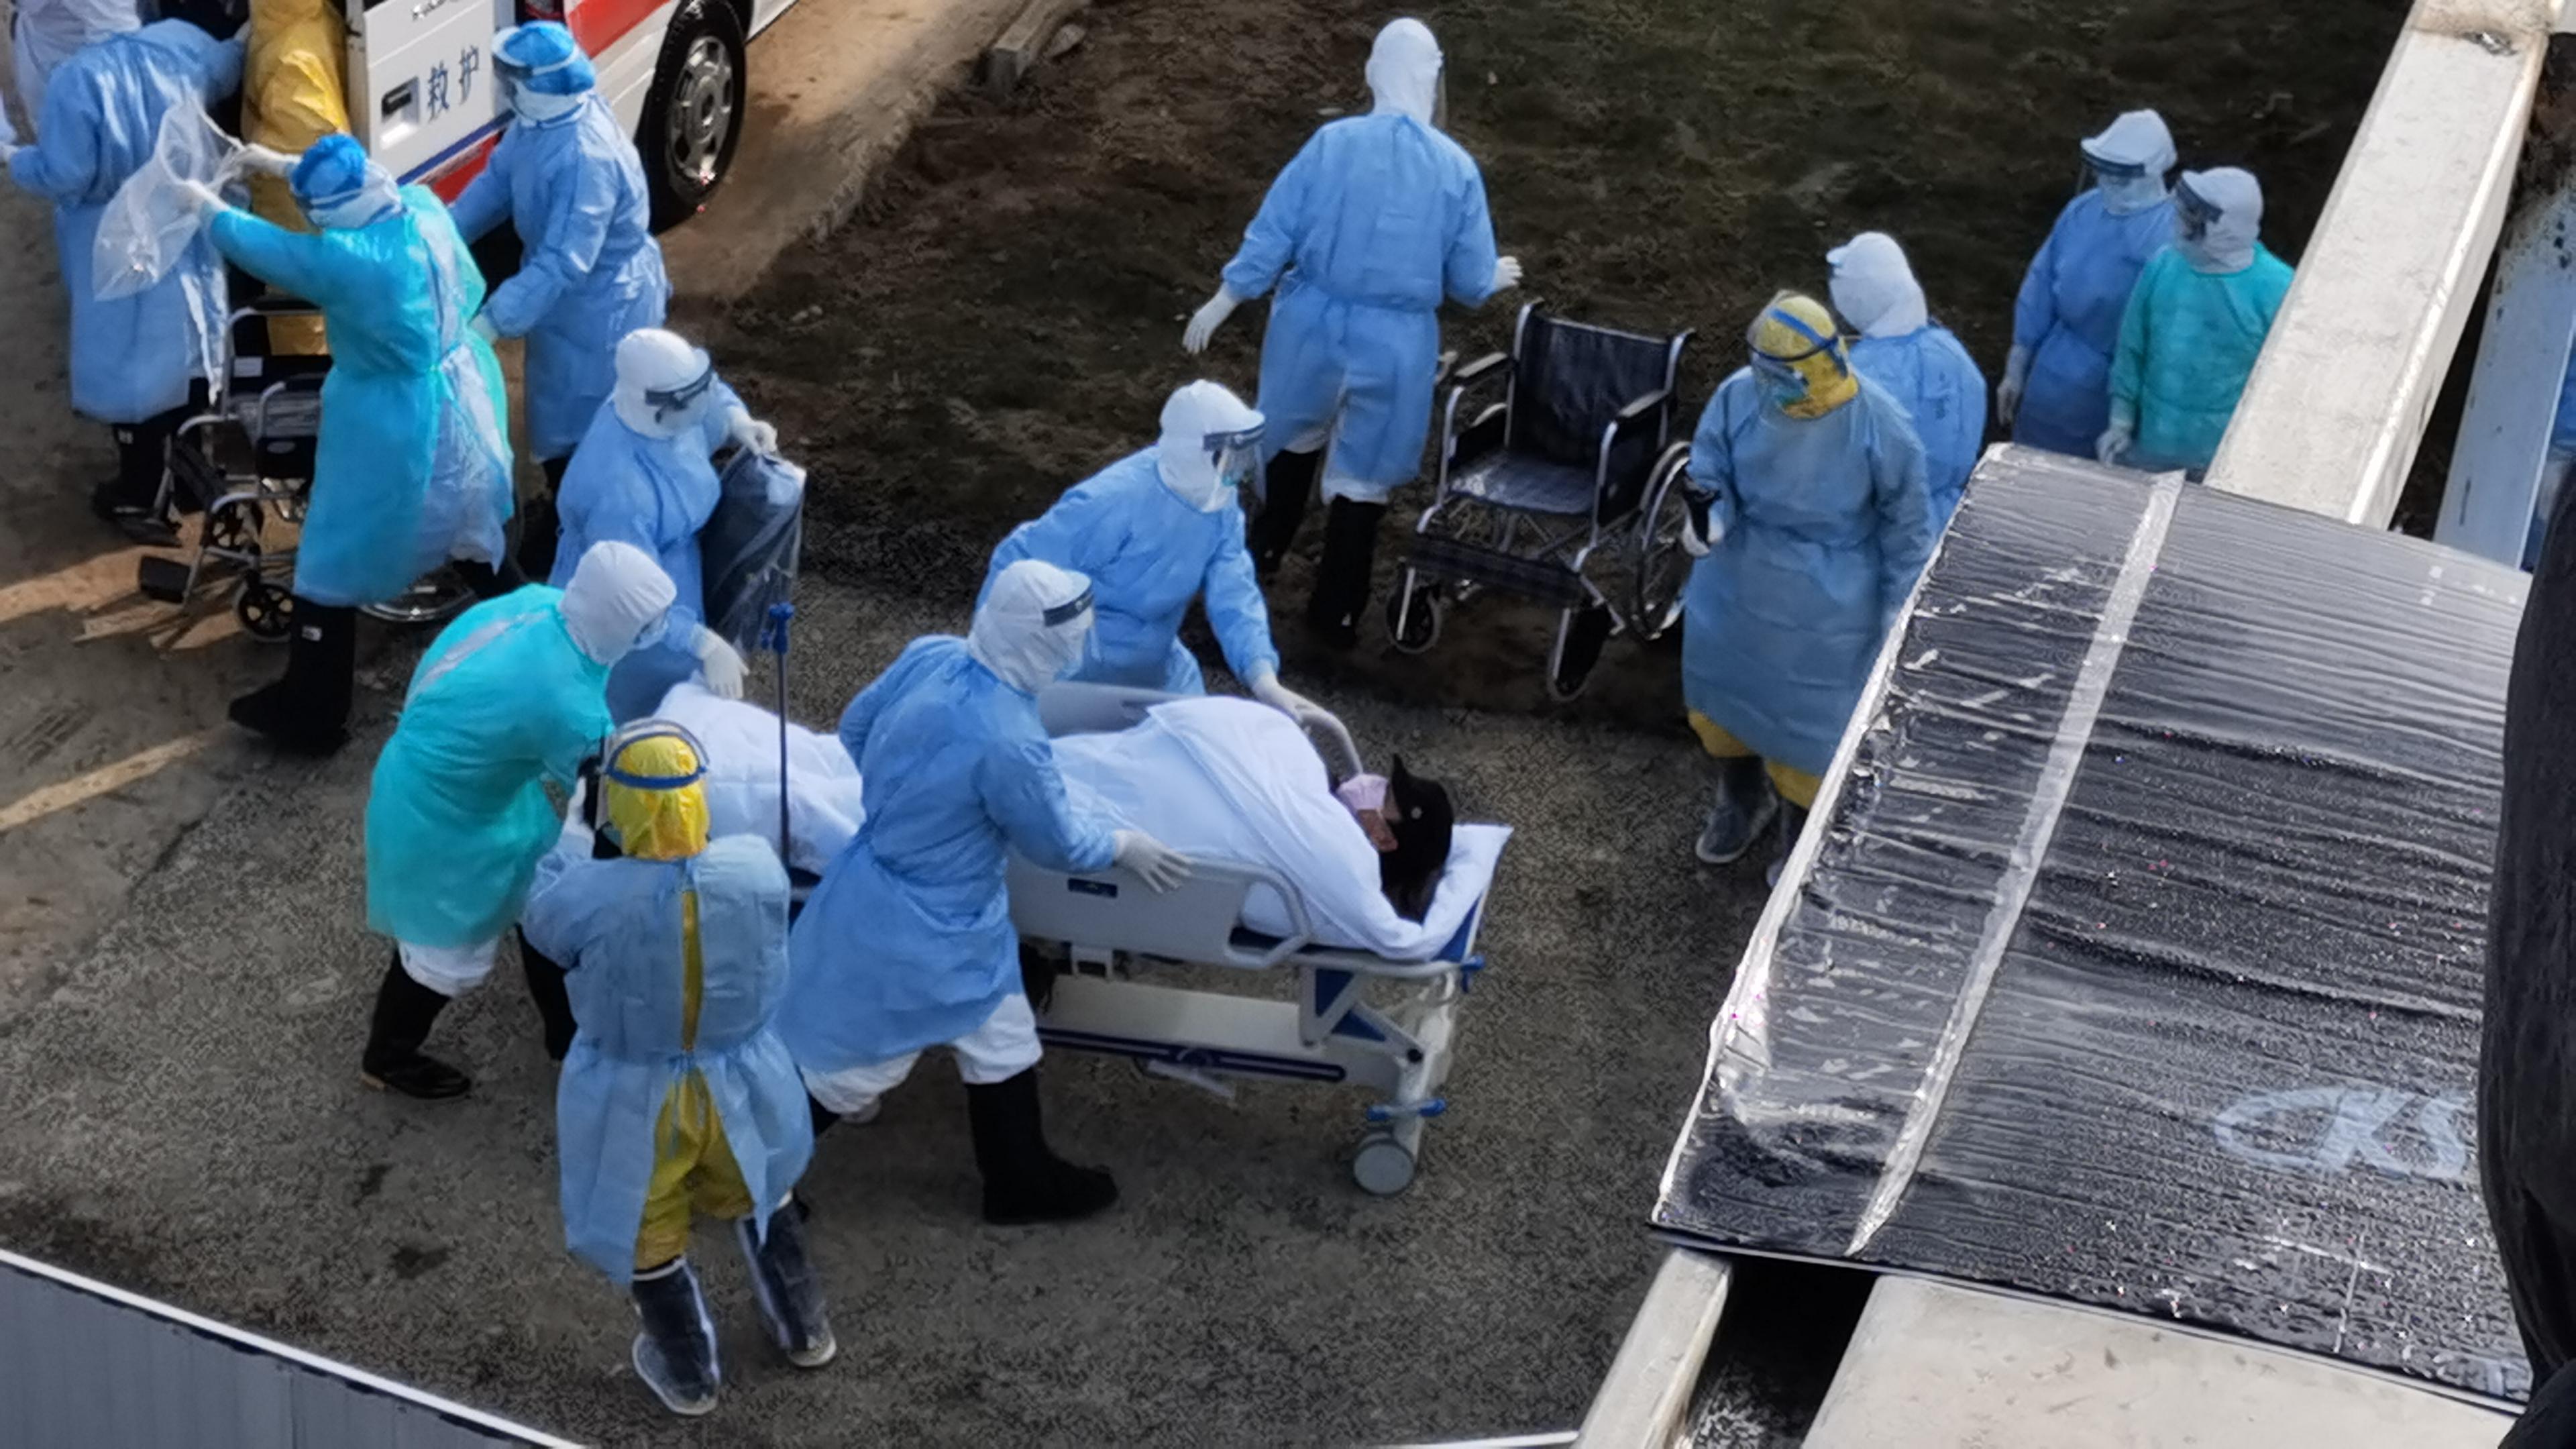 快讯!转运首批患者的车辆抵达火神山医院